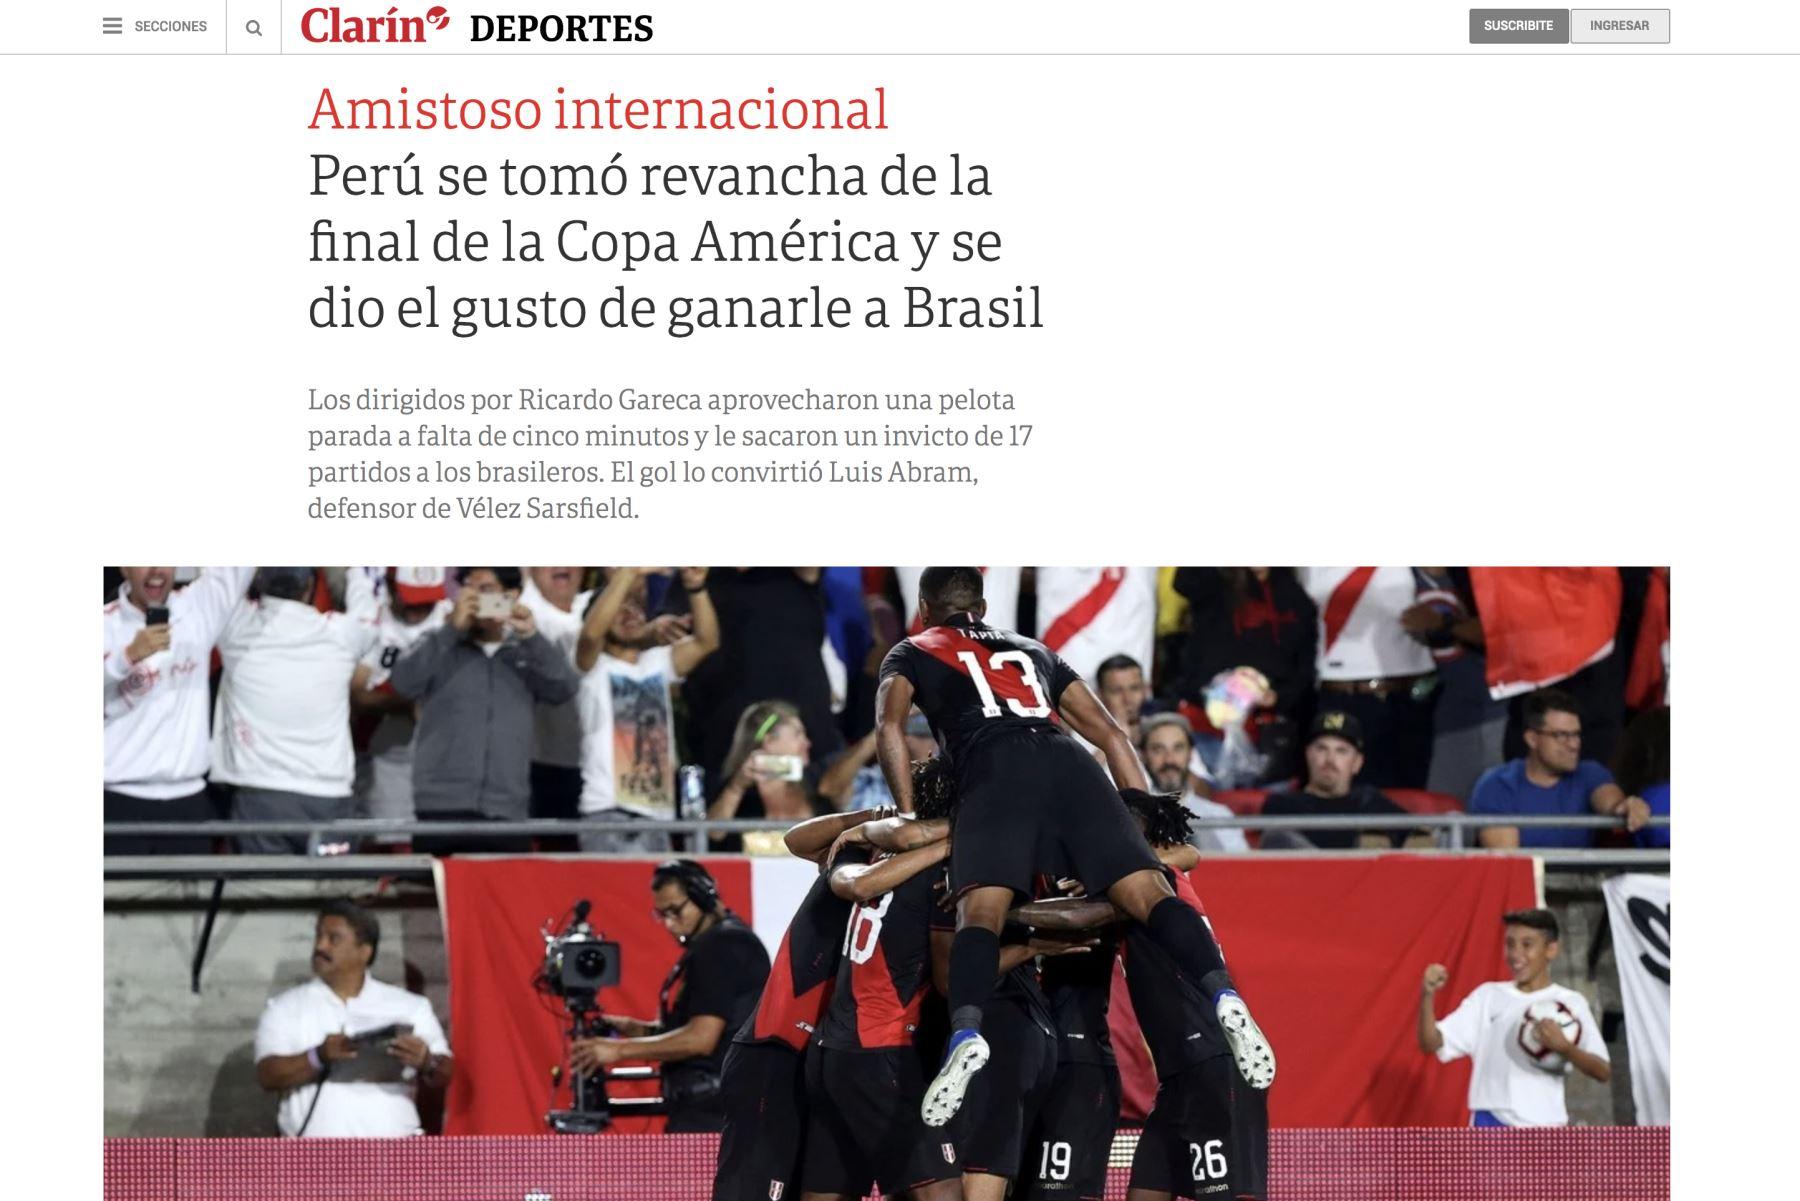 Diario Clarin de Argentina